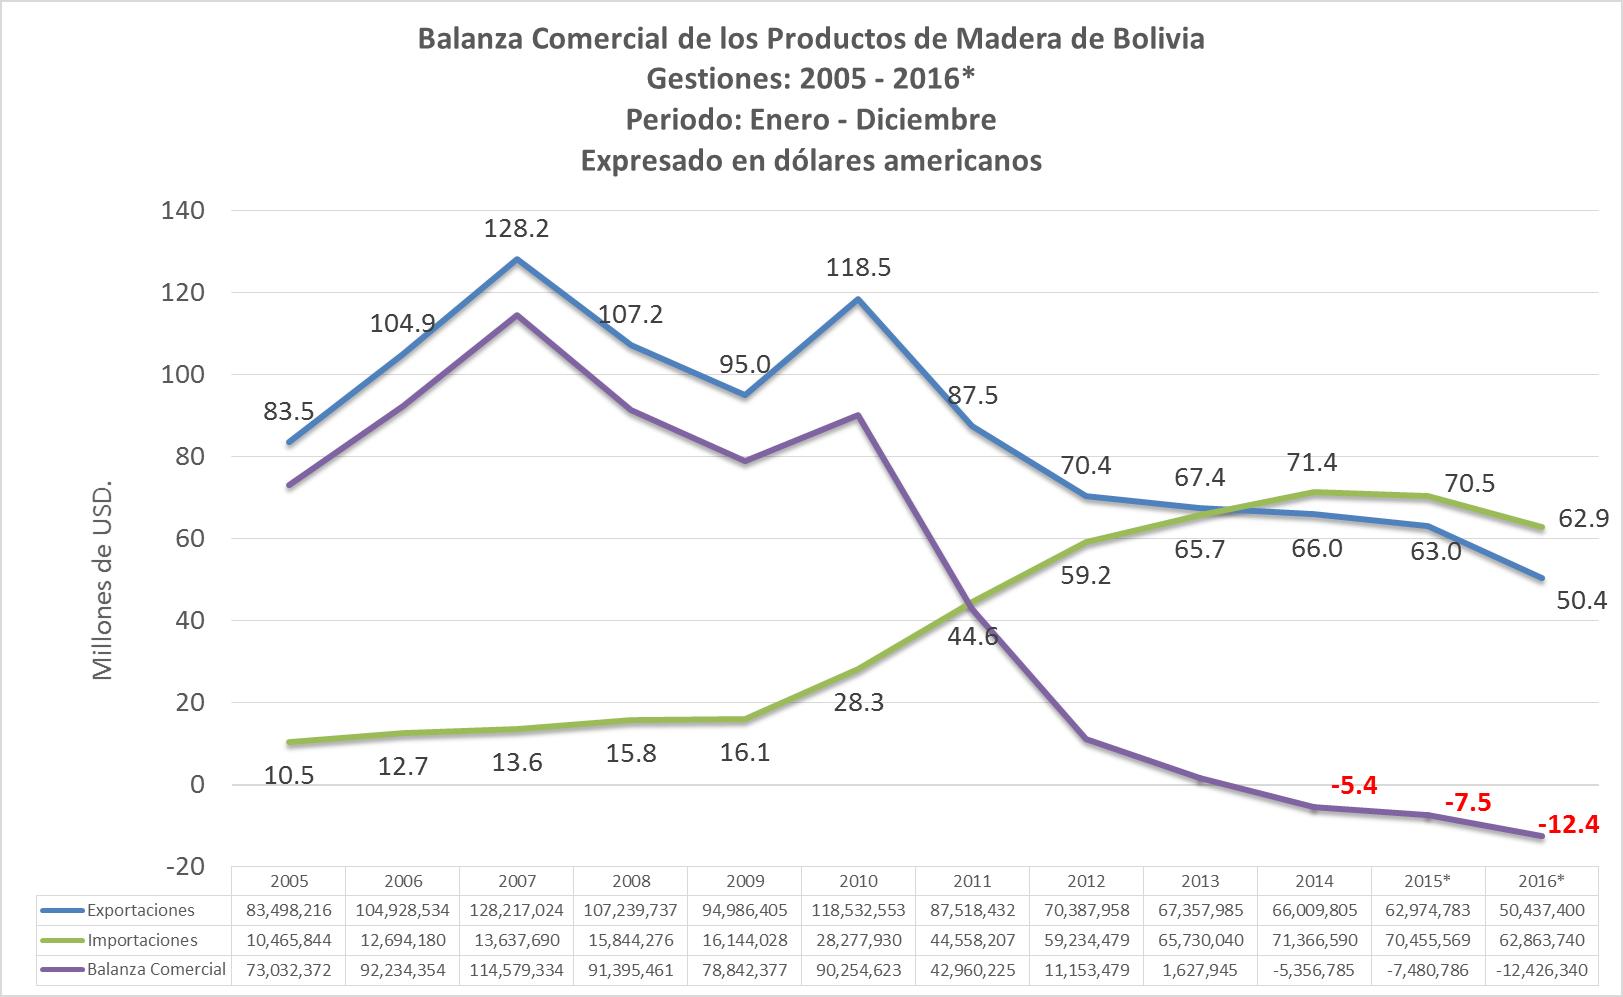 Balanza Comercial del sector externo forestal de Bolivia a diciembre de 2016